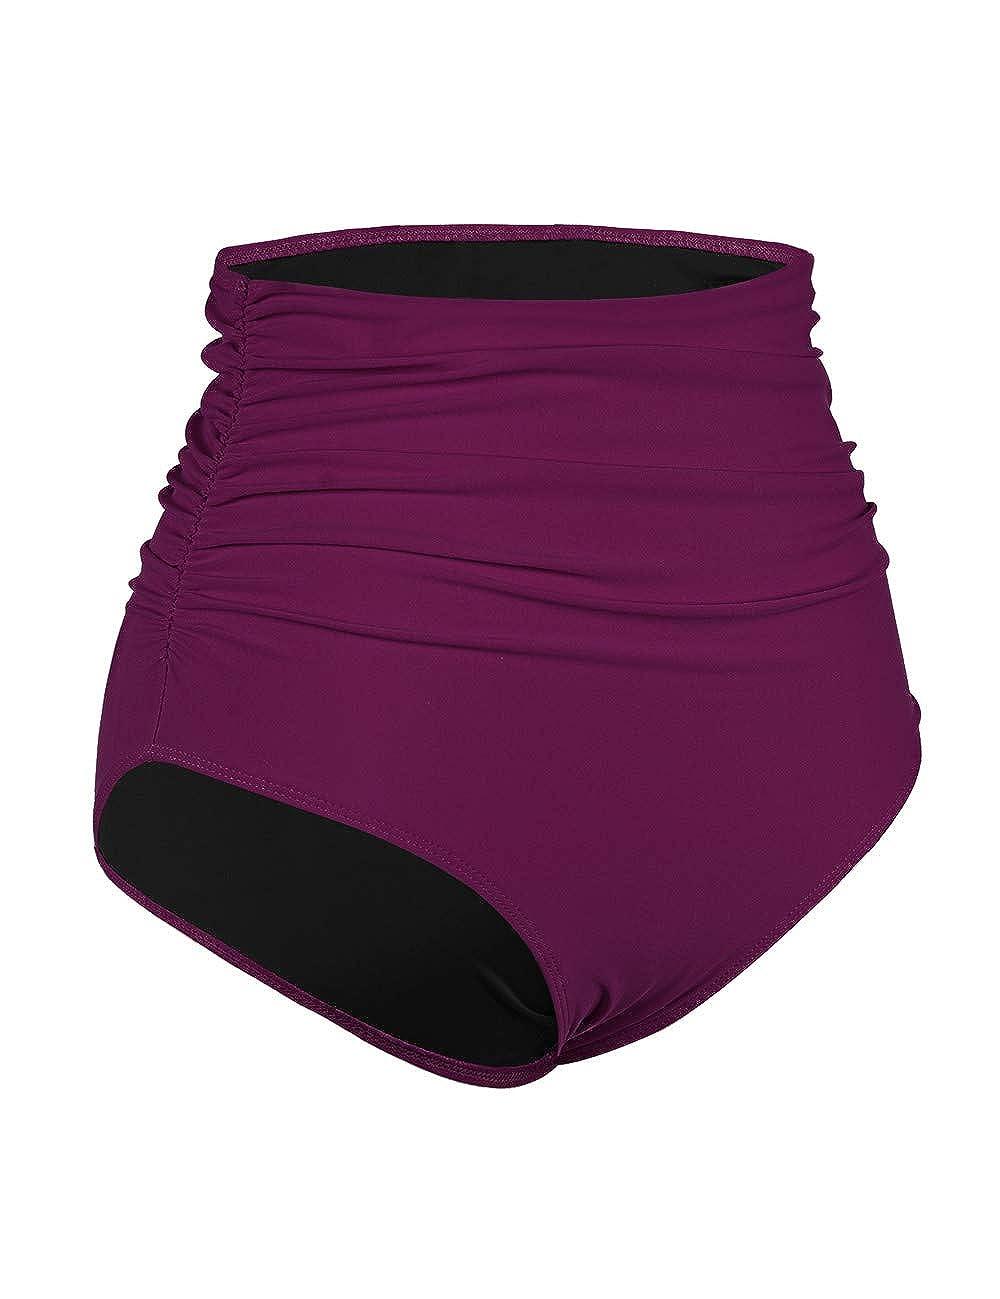 Hilor Womens High Waisted Bikini Bottom Shirred Hispter Tankini Briefs Swim Shorts